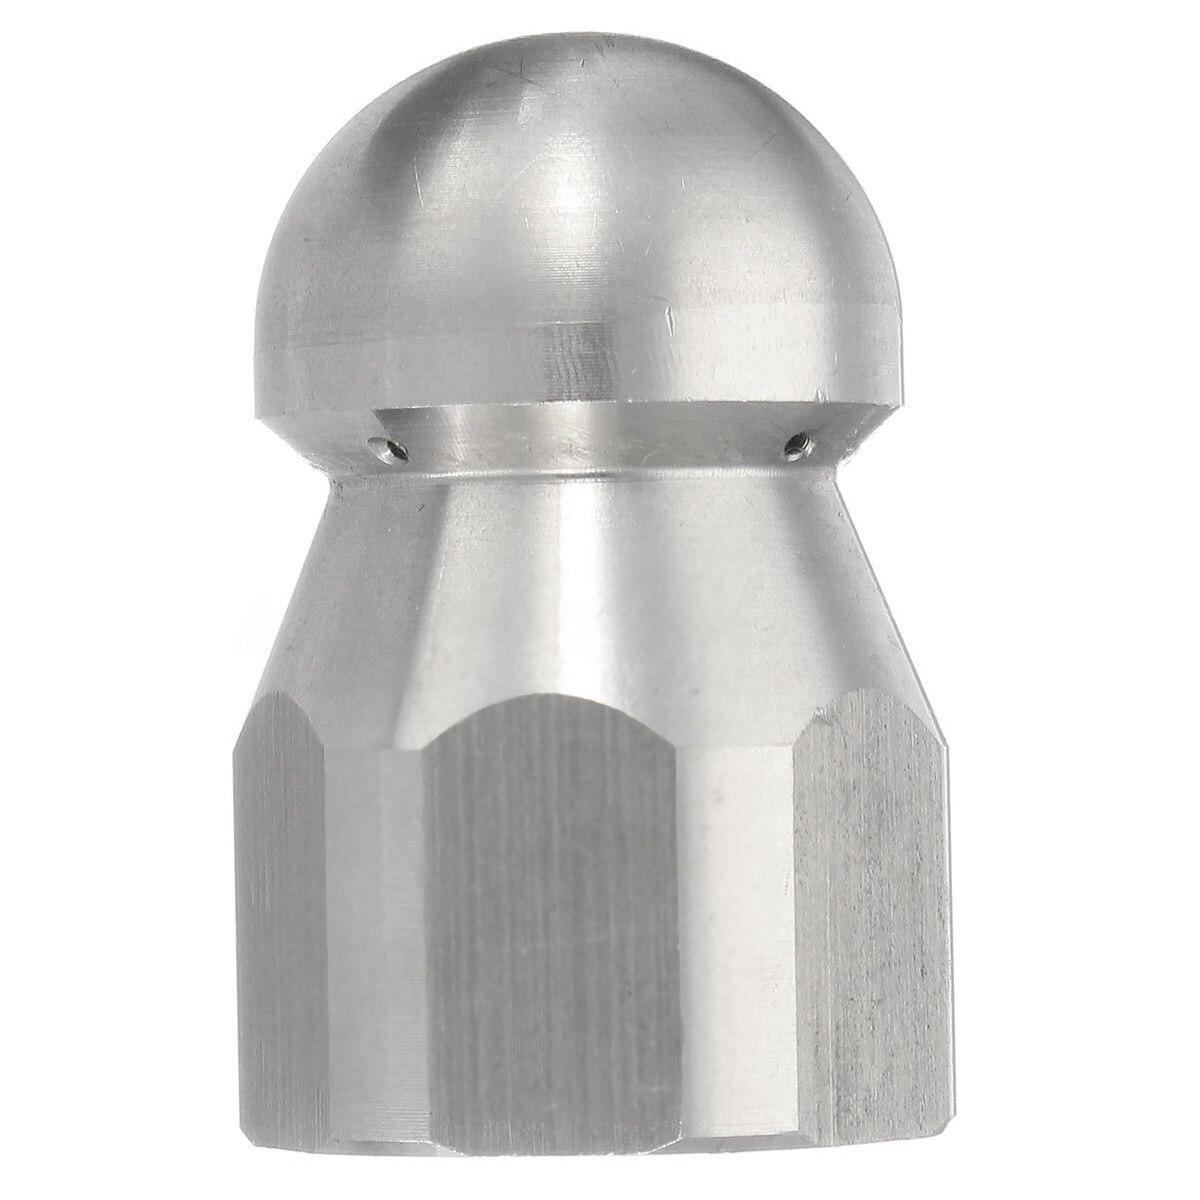 Труба Jetter давления шайба Слива Чистка канализации труба Jetter вращающийся пульверизатор 5 Jet